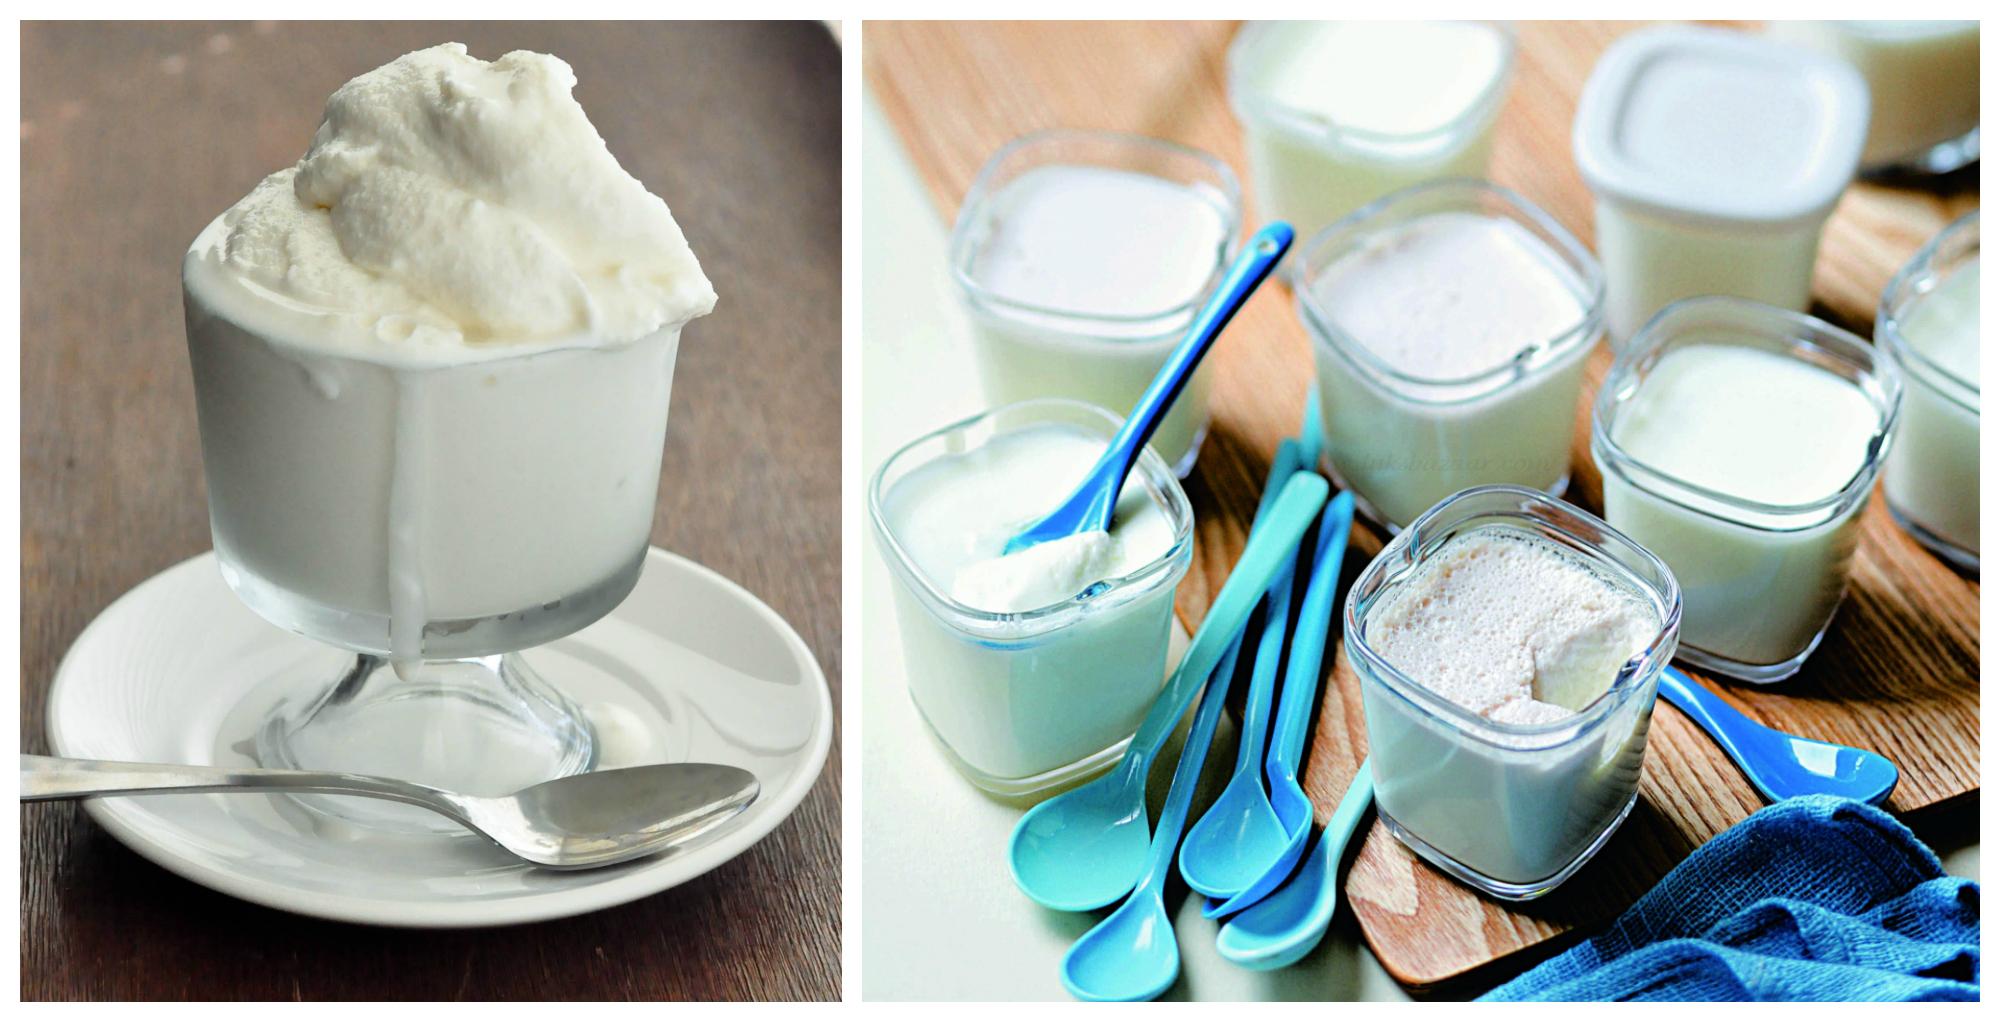 Как сделать закваску для йогурта в домашних условиях? Видео 876